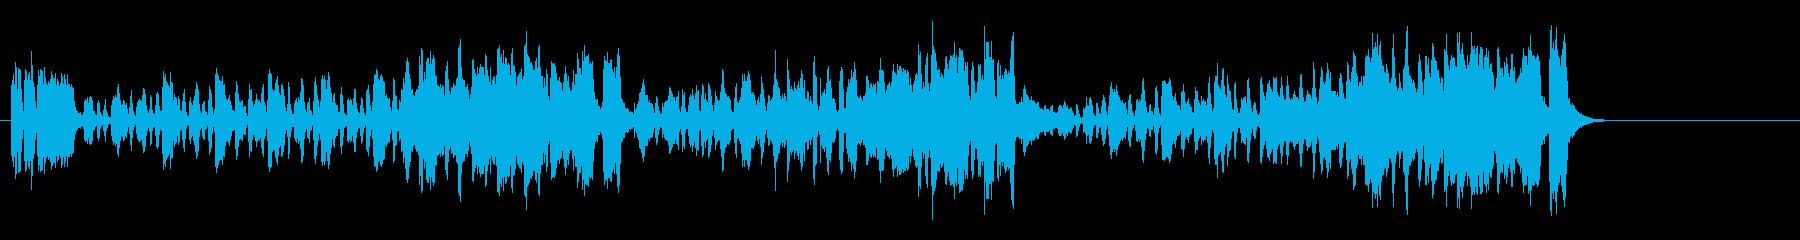 コンチネンタル・タンゴ(恋のステップ)の再生済みの波形